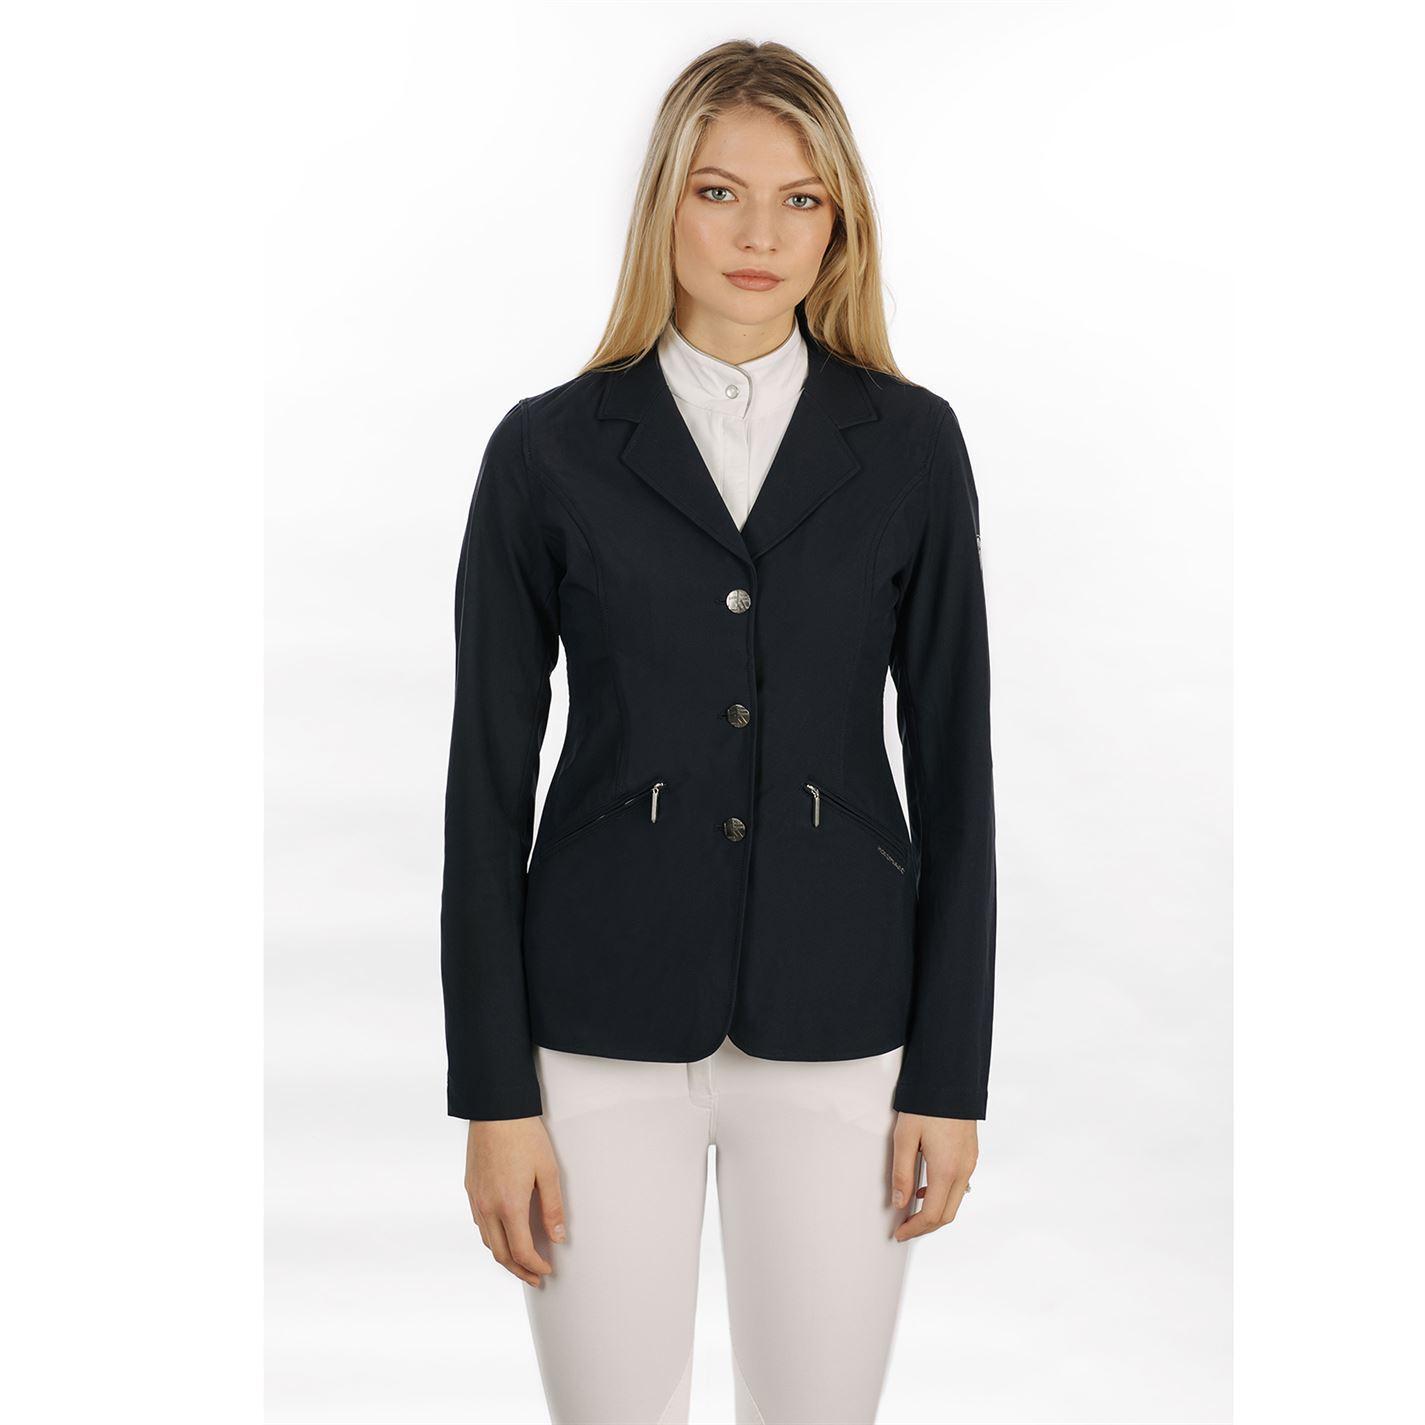 Para mujer Chaqueta de abrigo señoras de la competencia Horseware cierre de botón